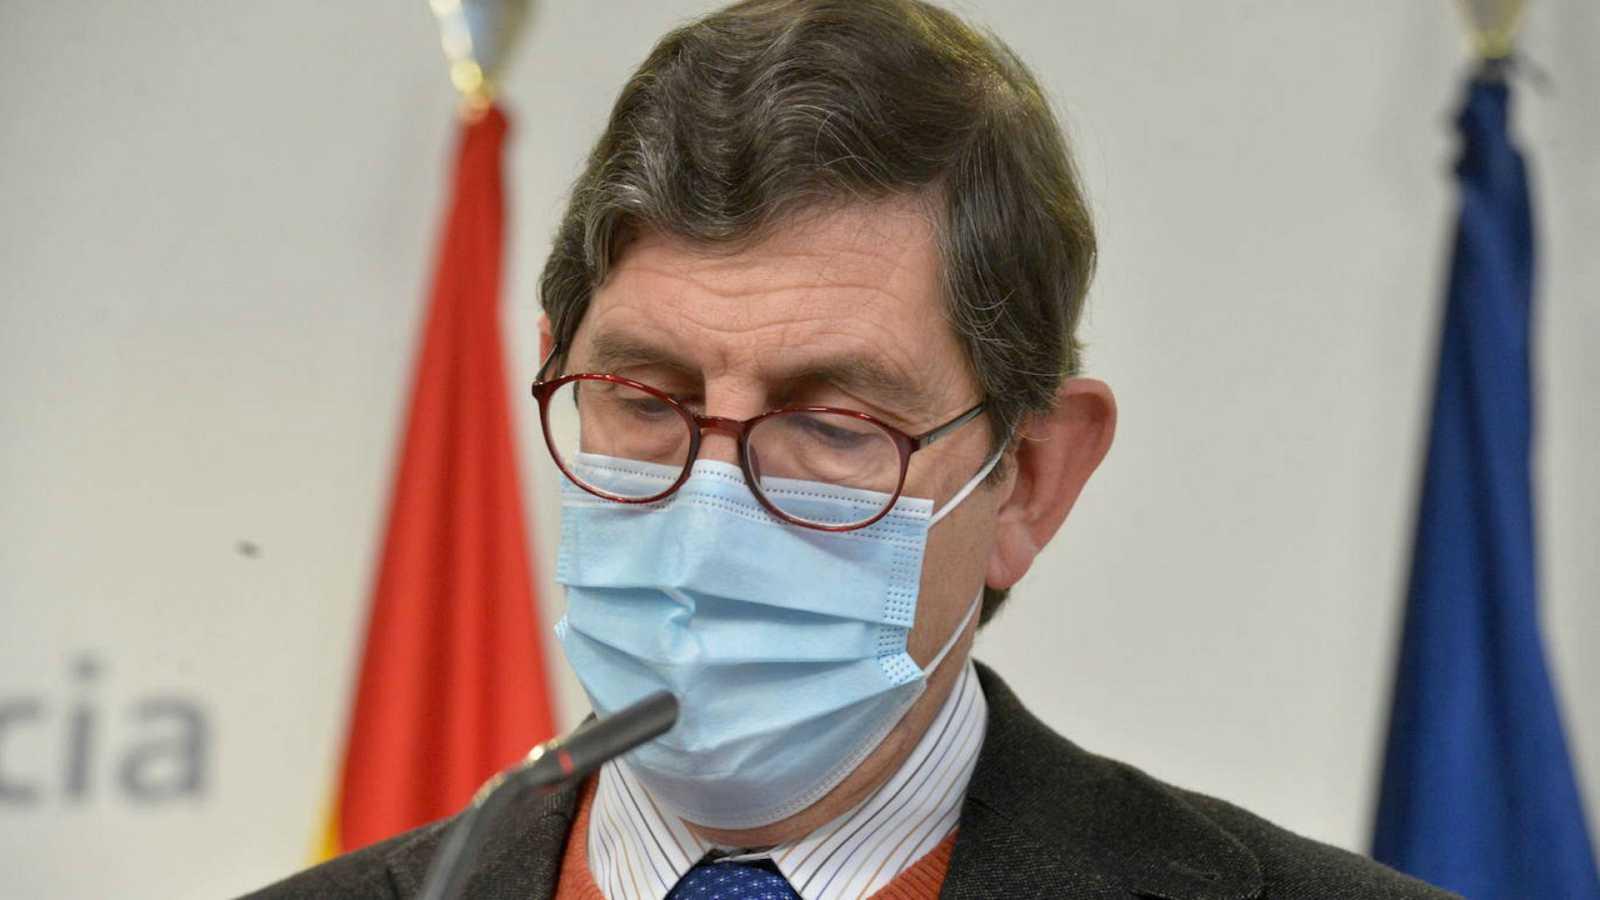 Boletines RNE - El consejero de Salud de Murcia pide perdón por haberse vacunado pero no dimite - Escuchar ahora